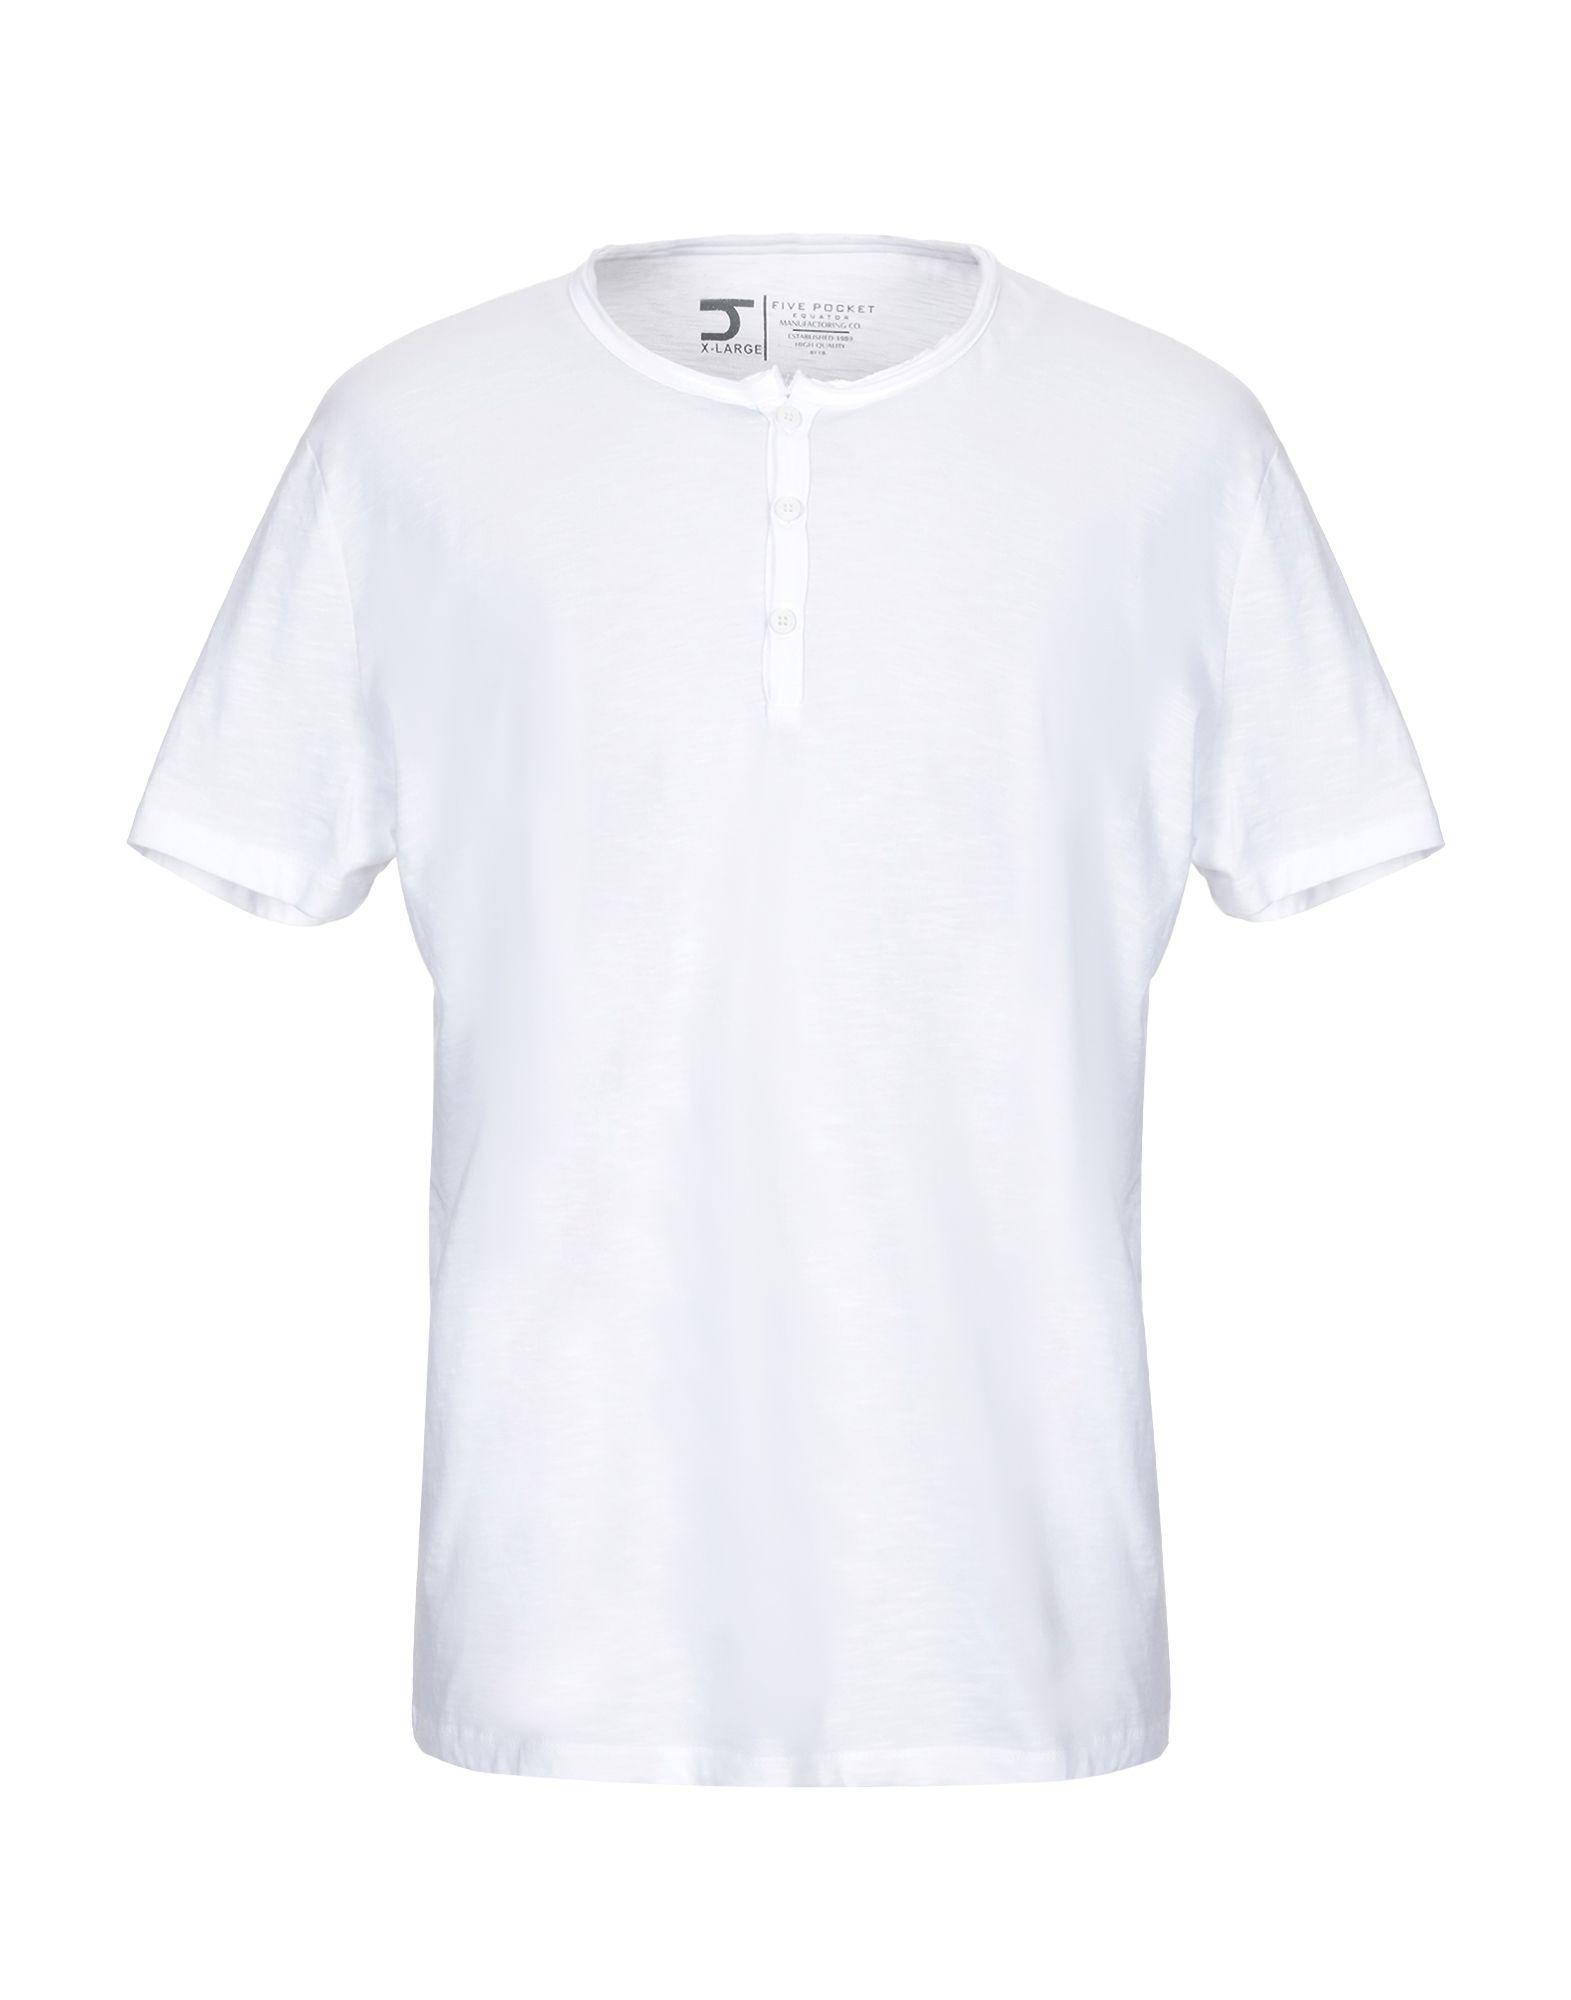 《送料無料》FIVE POCKET メンズ T シャツ ホワイト XL コットン 100%